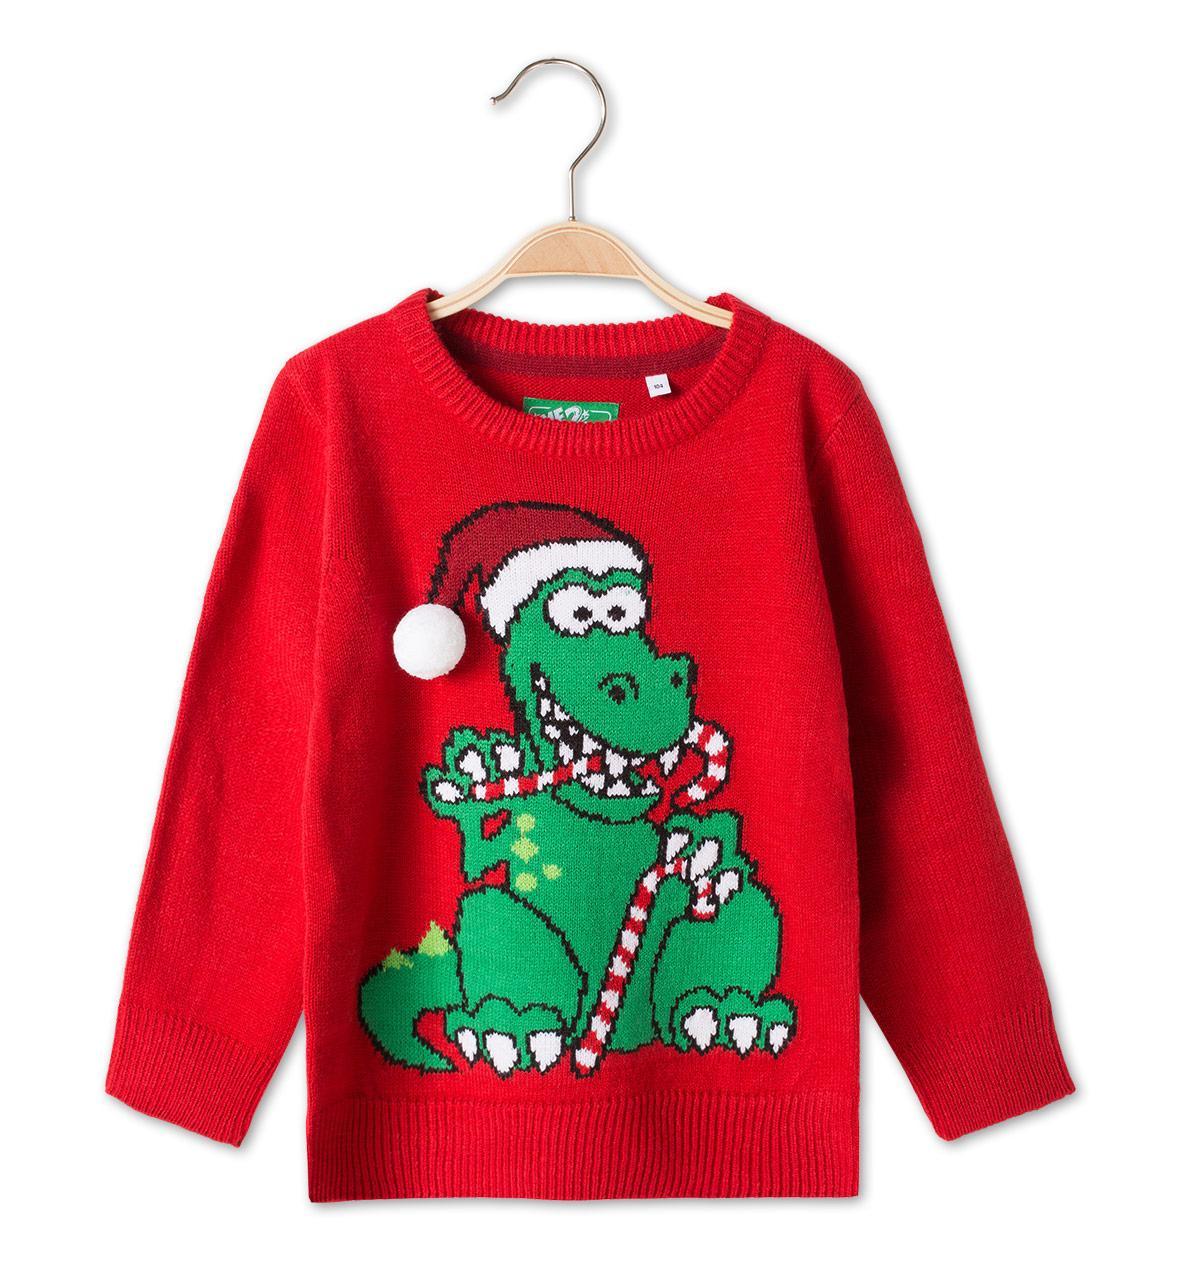 Новогодний красный свитер с крокодилом для мальчика 4-5 лет C&A Германия Размер 110